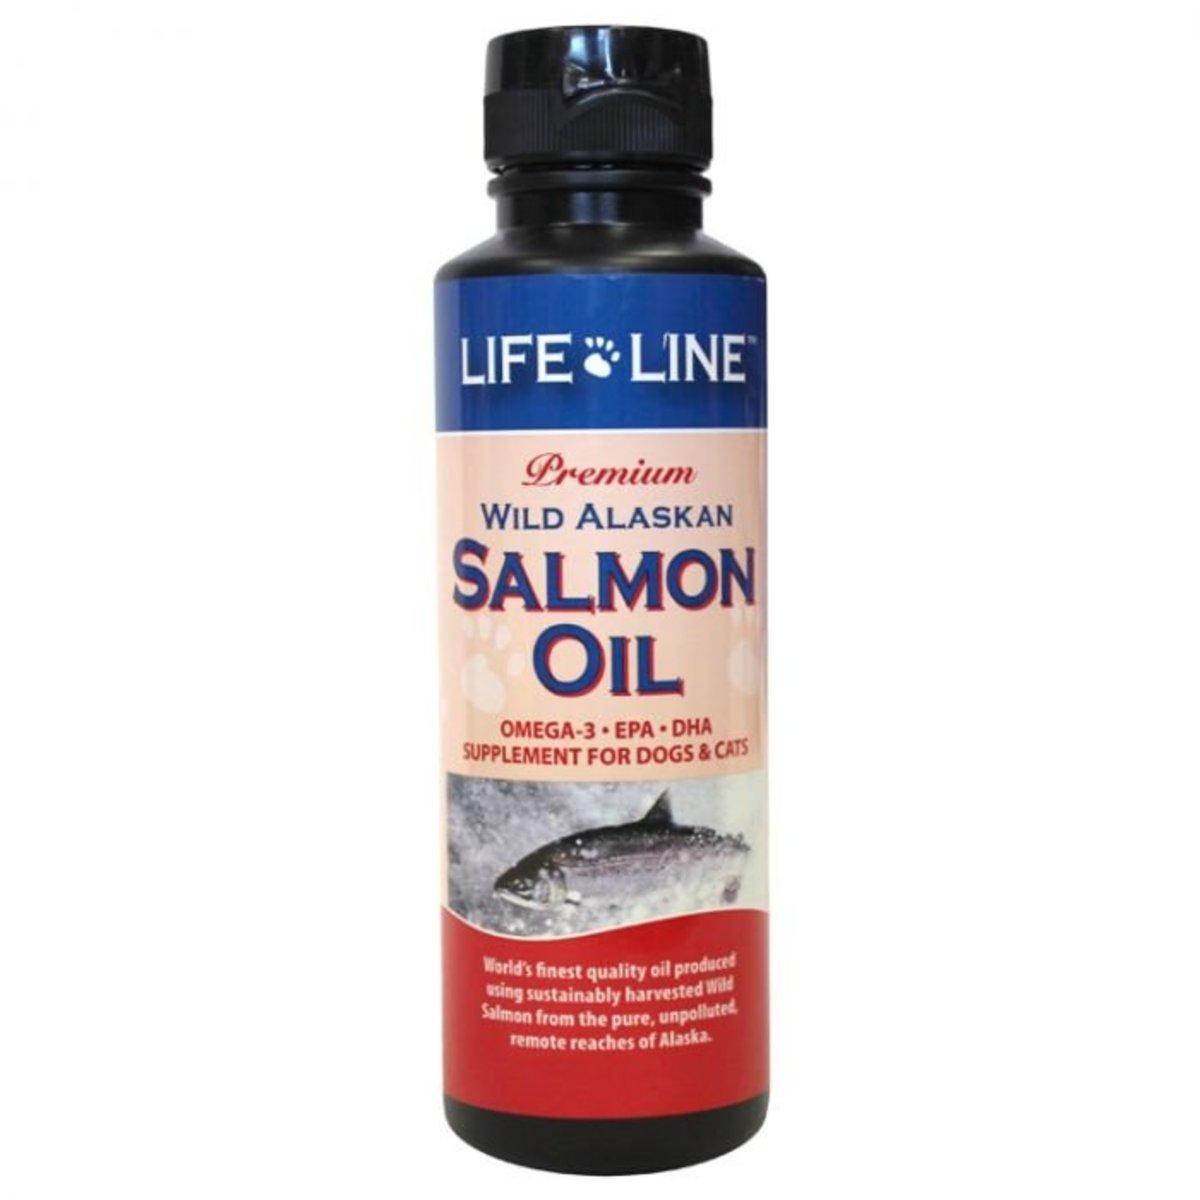 阿拉斯加野生三文魚油 250ml